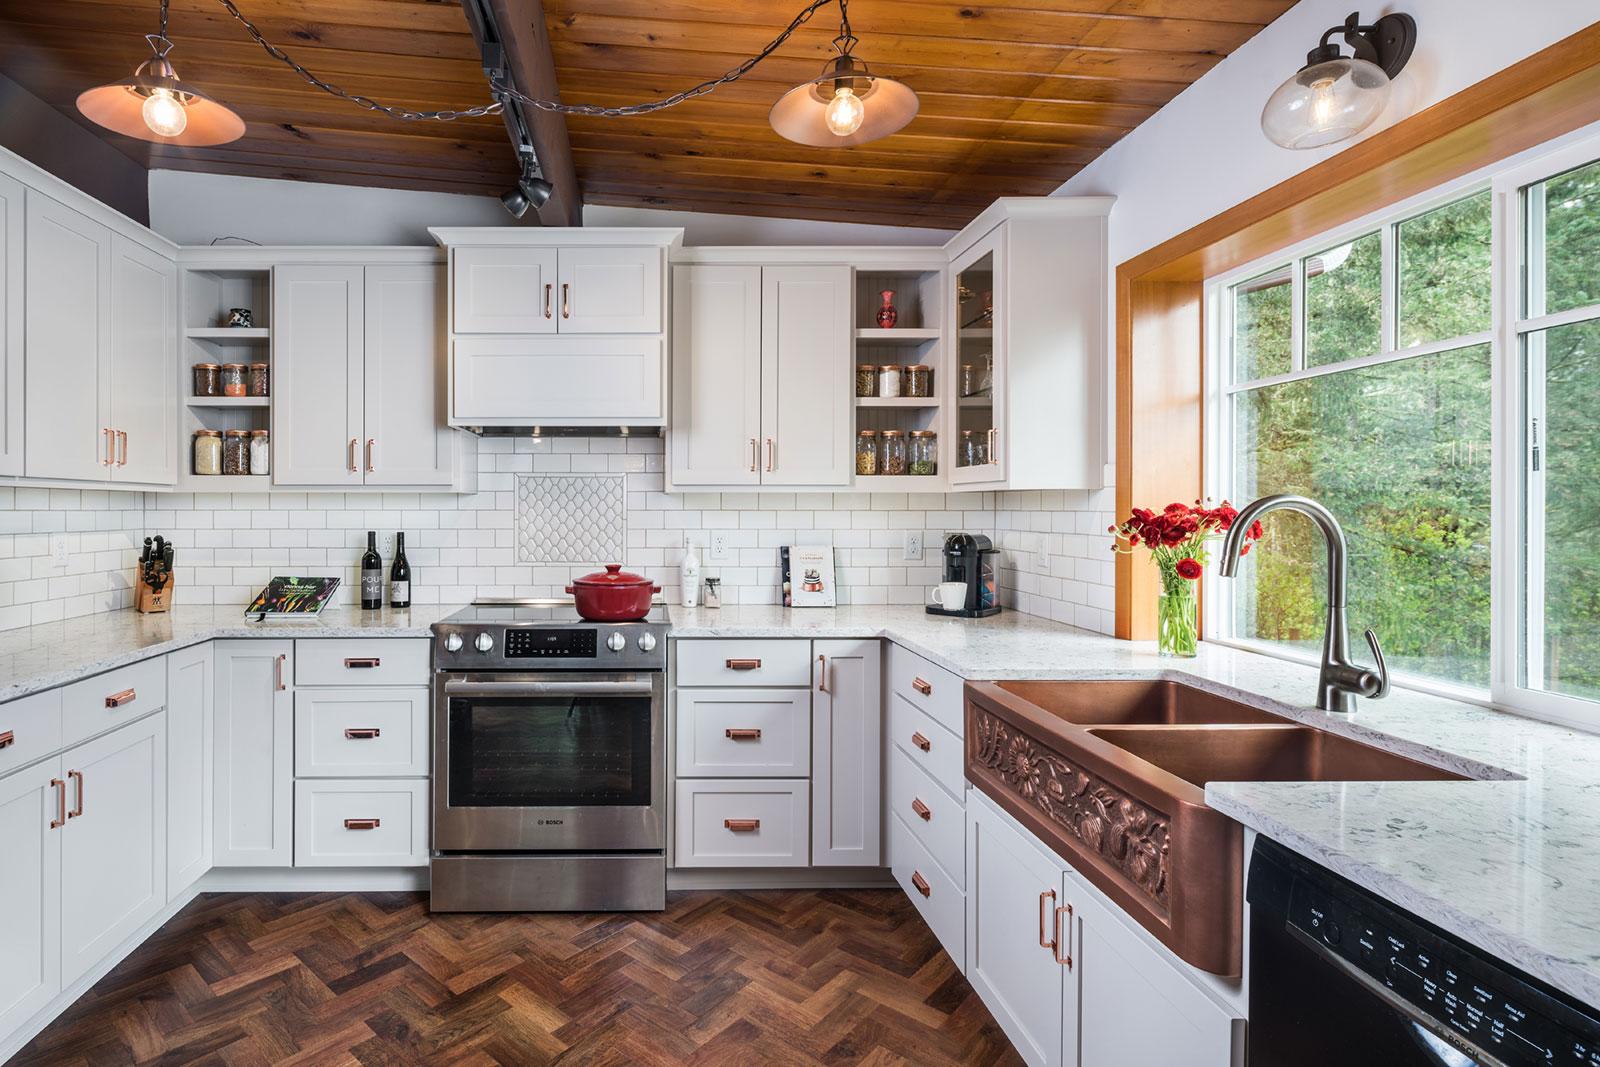 home and kitchen remodel Corvallis, Oregon - Henderer Design + Build